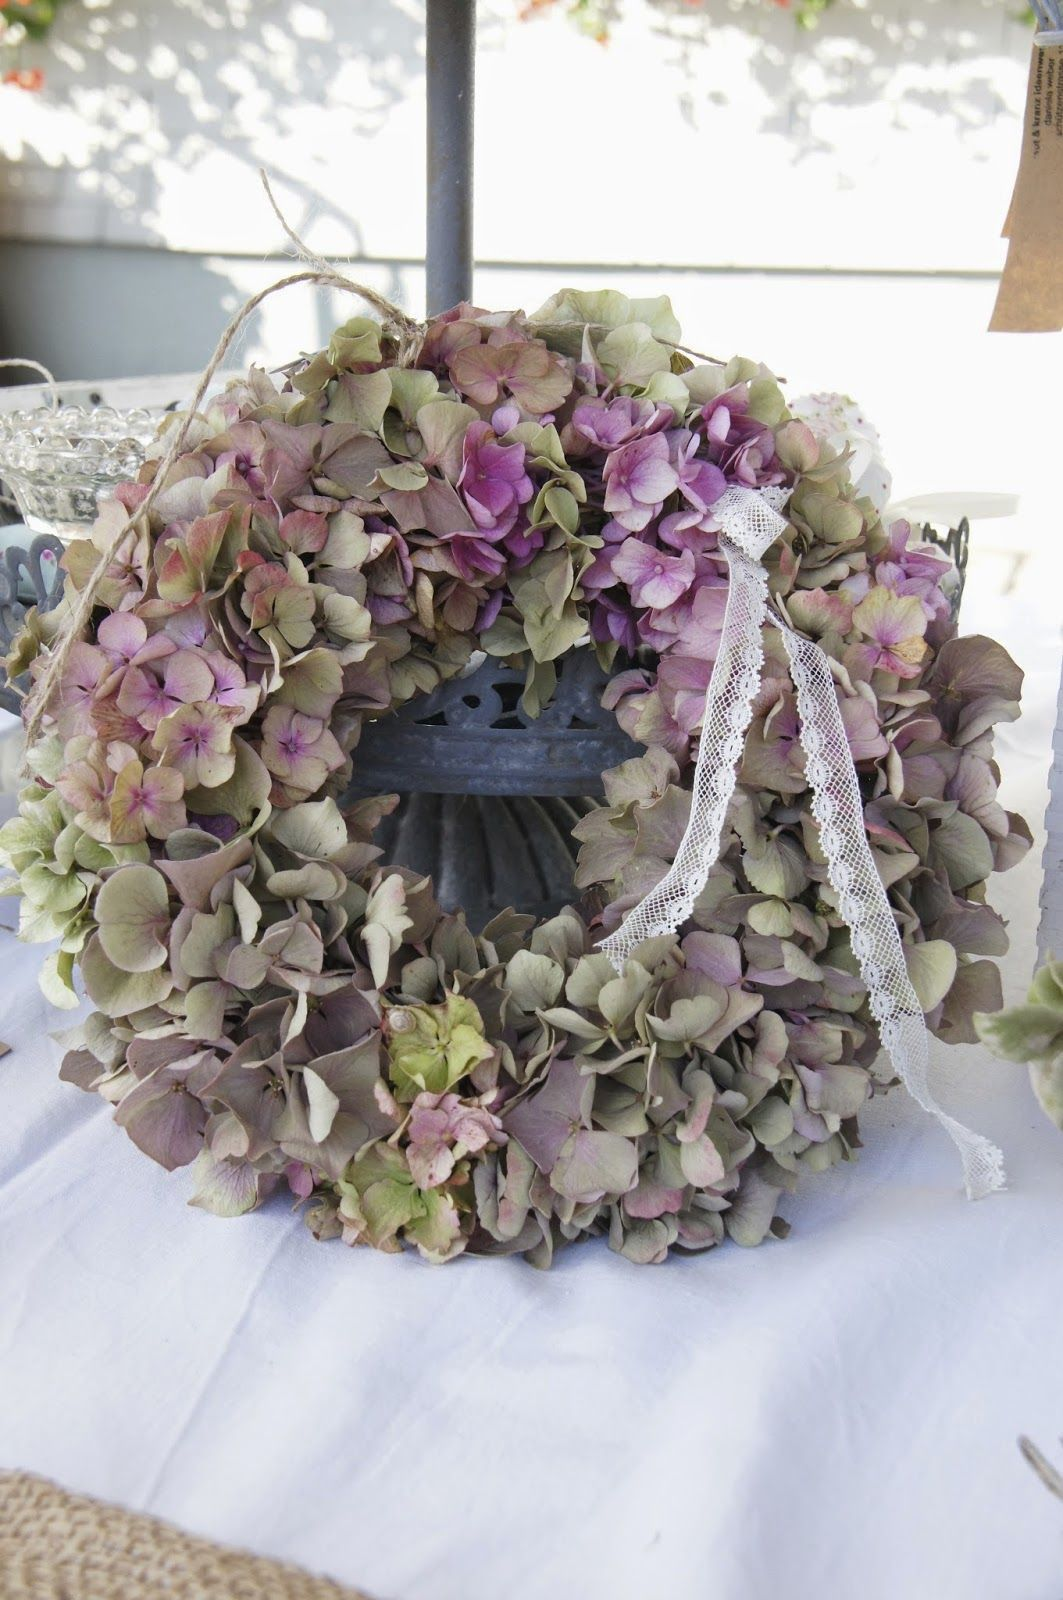 Kraut und kranz ideenwerkstatt wreaths pinterest for Couronne shabby chic